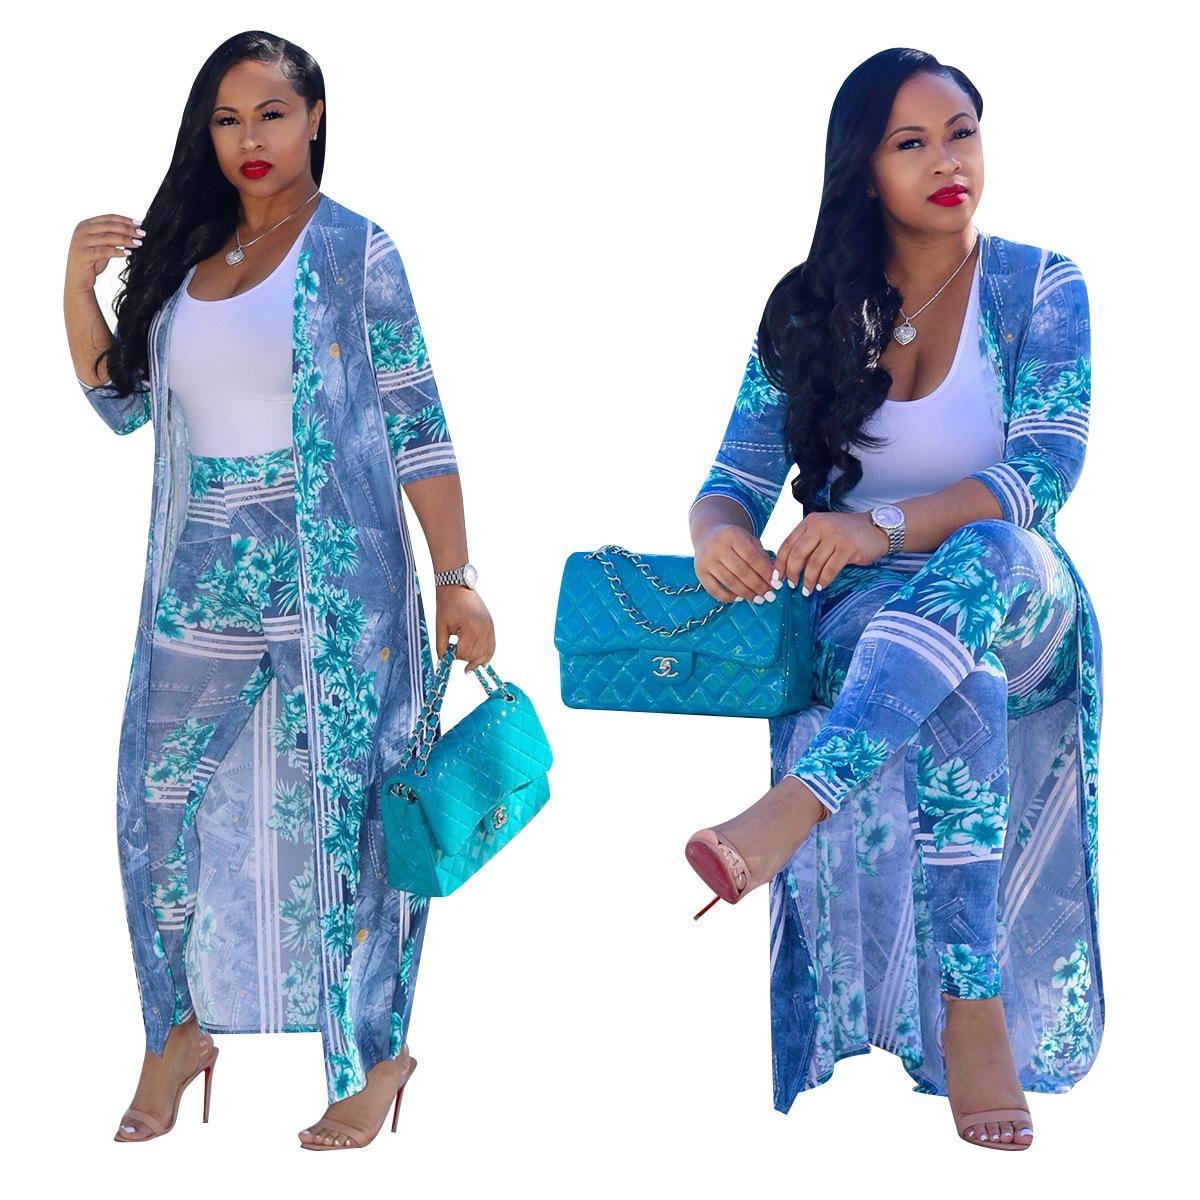 Neue 2 Stück Anzüge Frauen Gedruckt Lange Design Mantel Und Dünne Hosen Sets Streetwear Outwear Lange Hosen Bodycon Anzüge Plus Größe 3XL